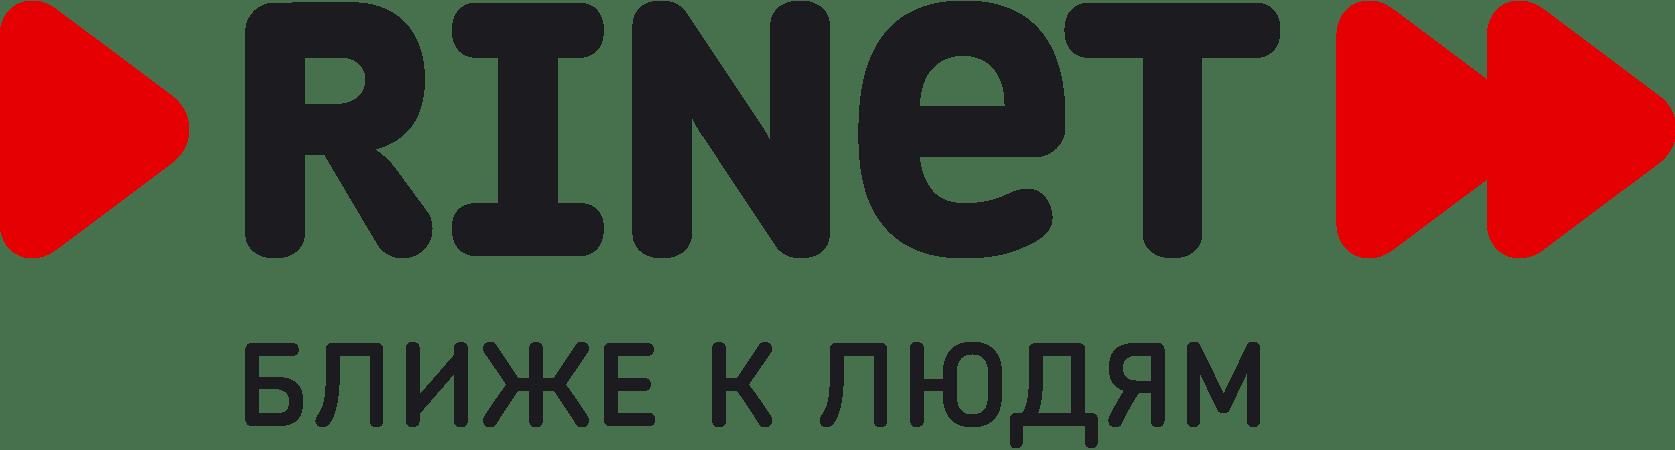 Оператор телекоммуникационных услуг в Москве